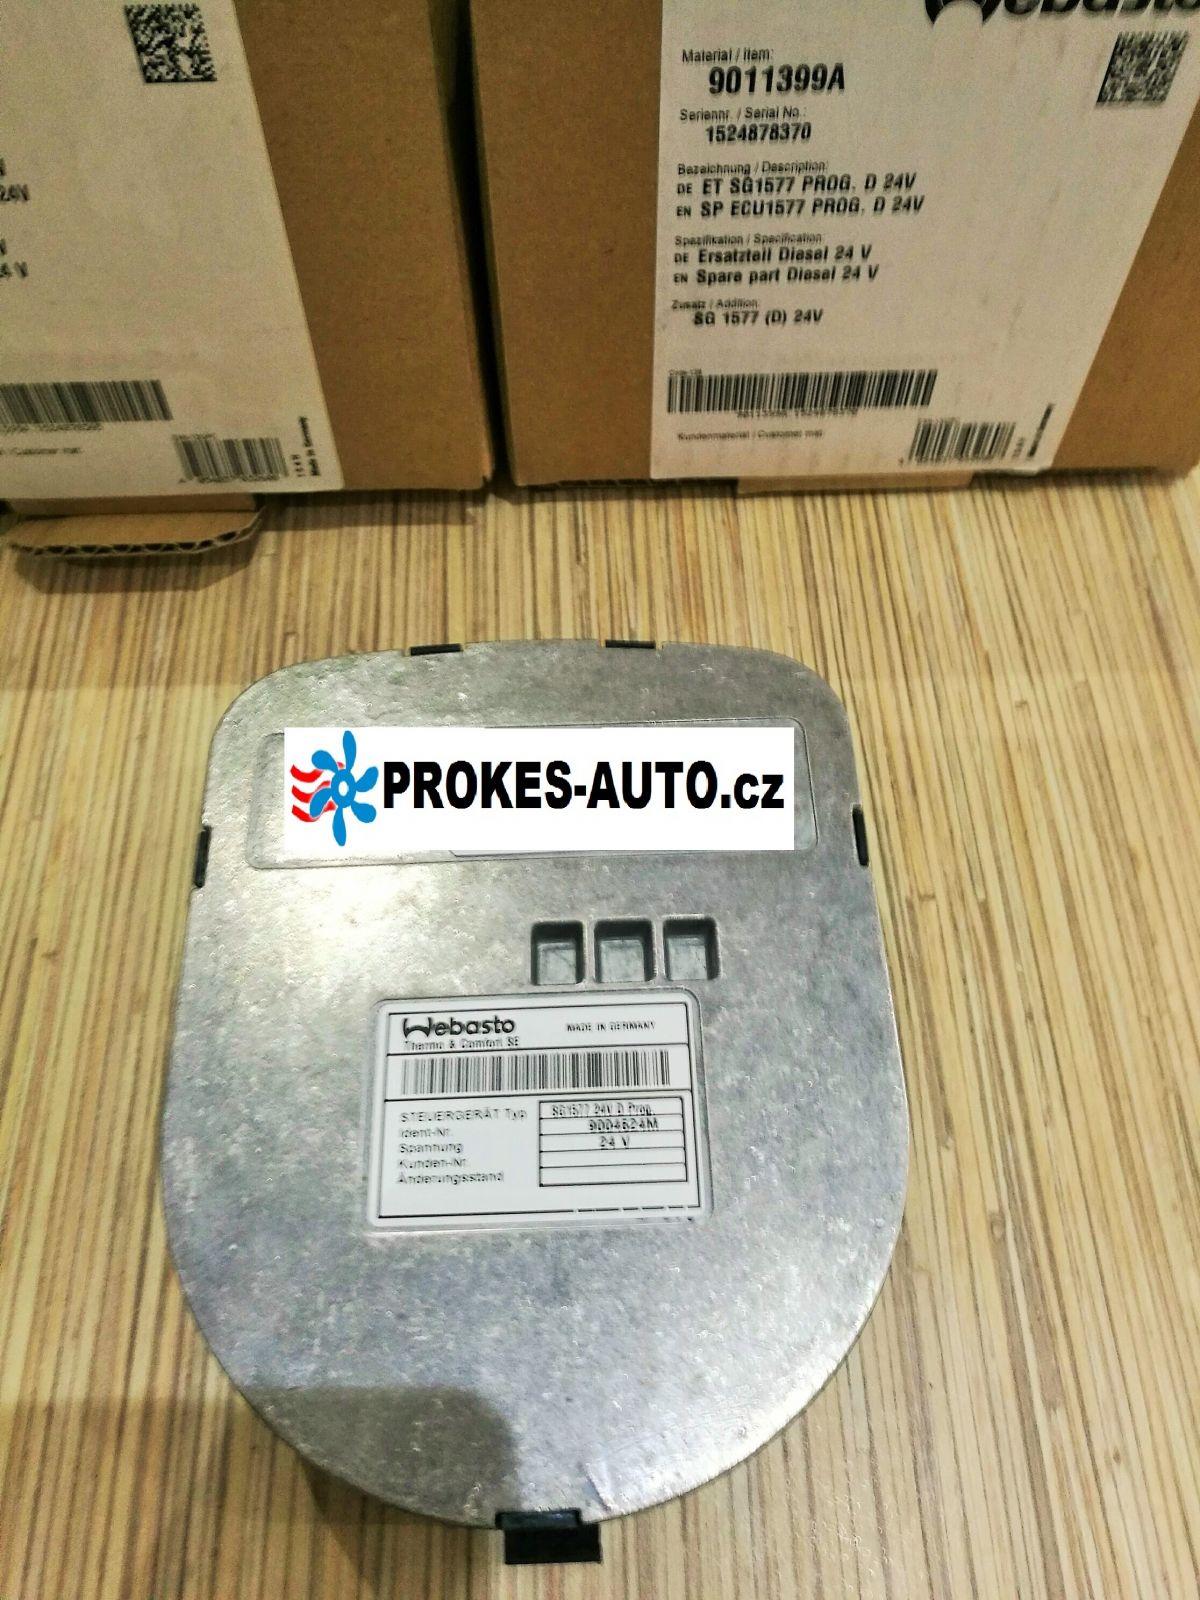 Webasto Steuergerat SG1577 Thermo 90ST Diesel 24V vorprogrammiert 9011399 / 9004624 / 9004624M / 9004624L / 1300724G / 1315638 B / 1301656 E / SG 1577